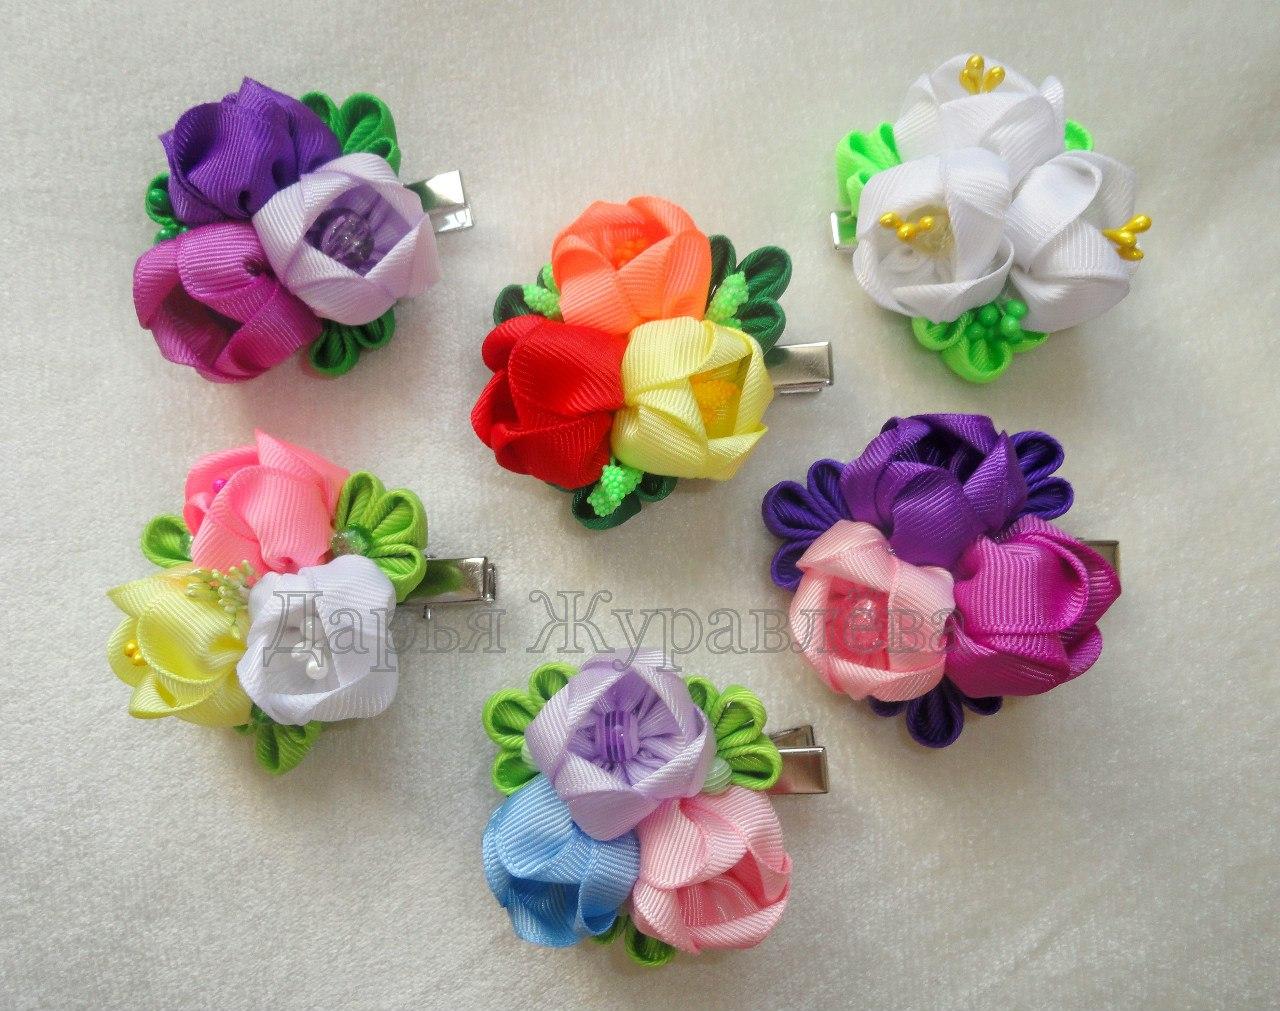 Цветы из репсовых лент фото - Из лент - Master classy